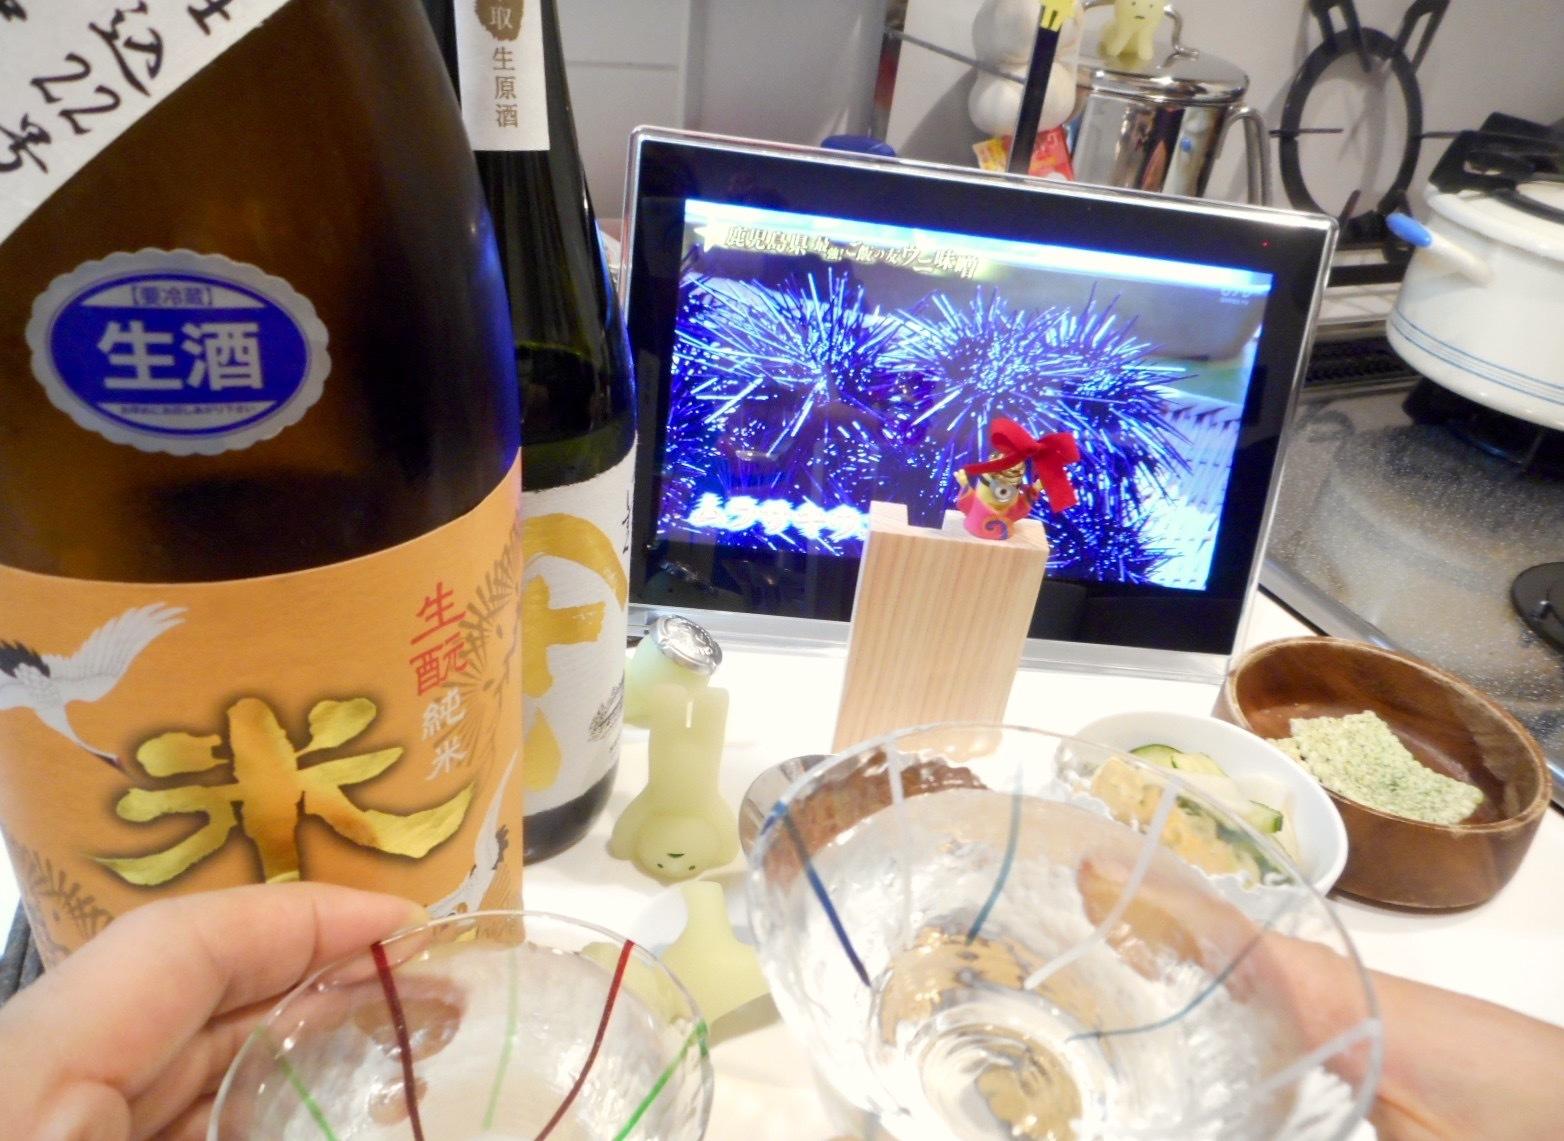 yamatoshizuku_jundai_shizku28by7.jpg